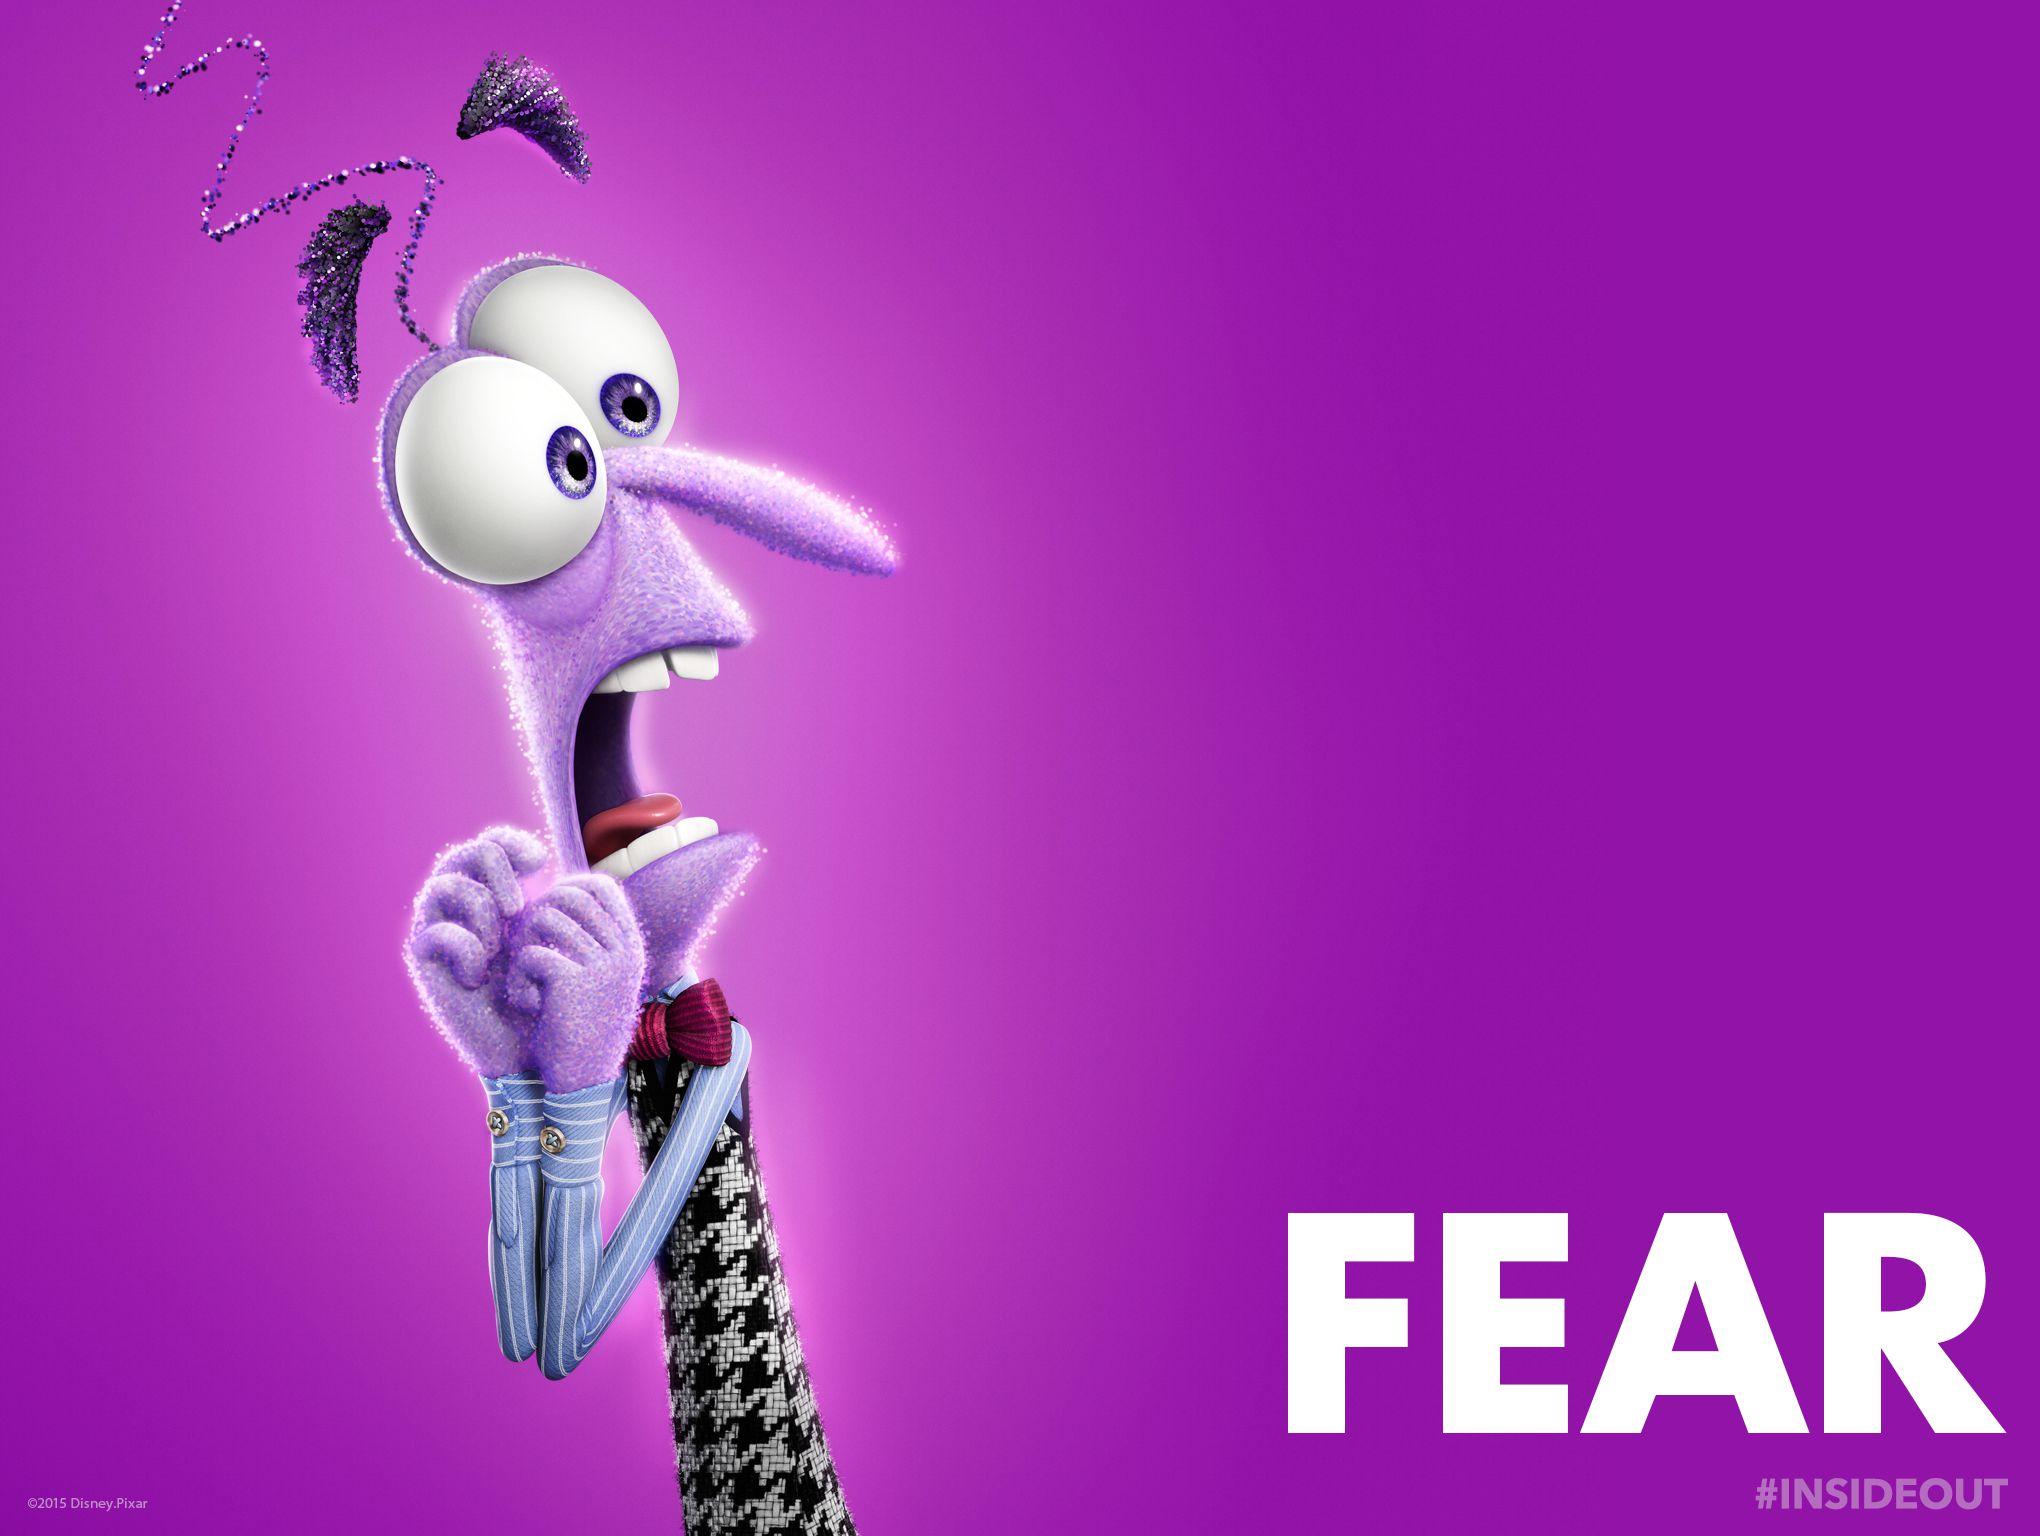 Io_Fear_standard2